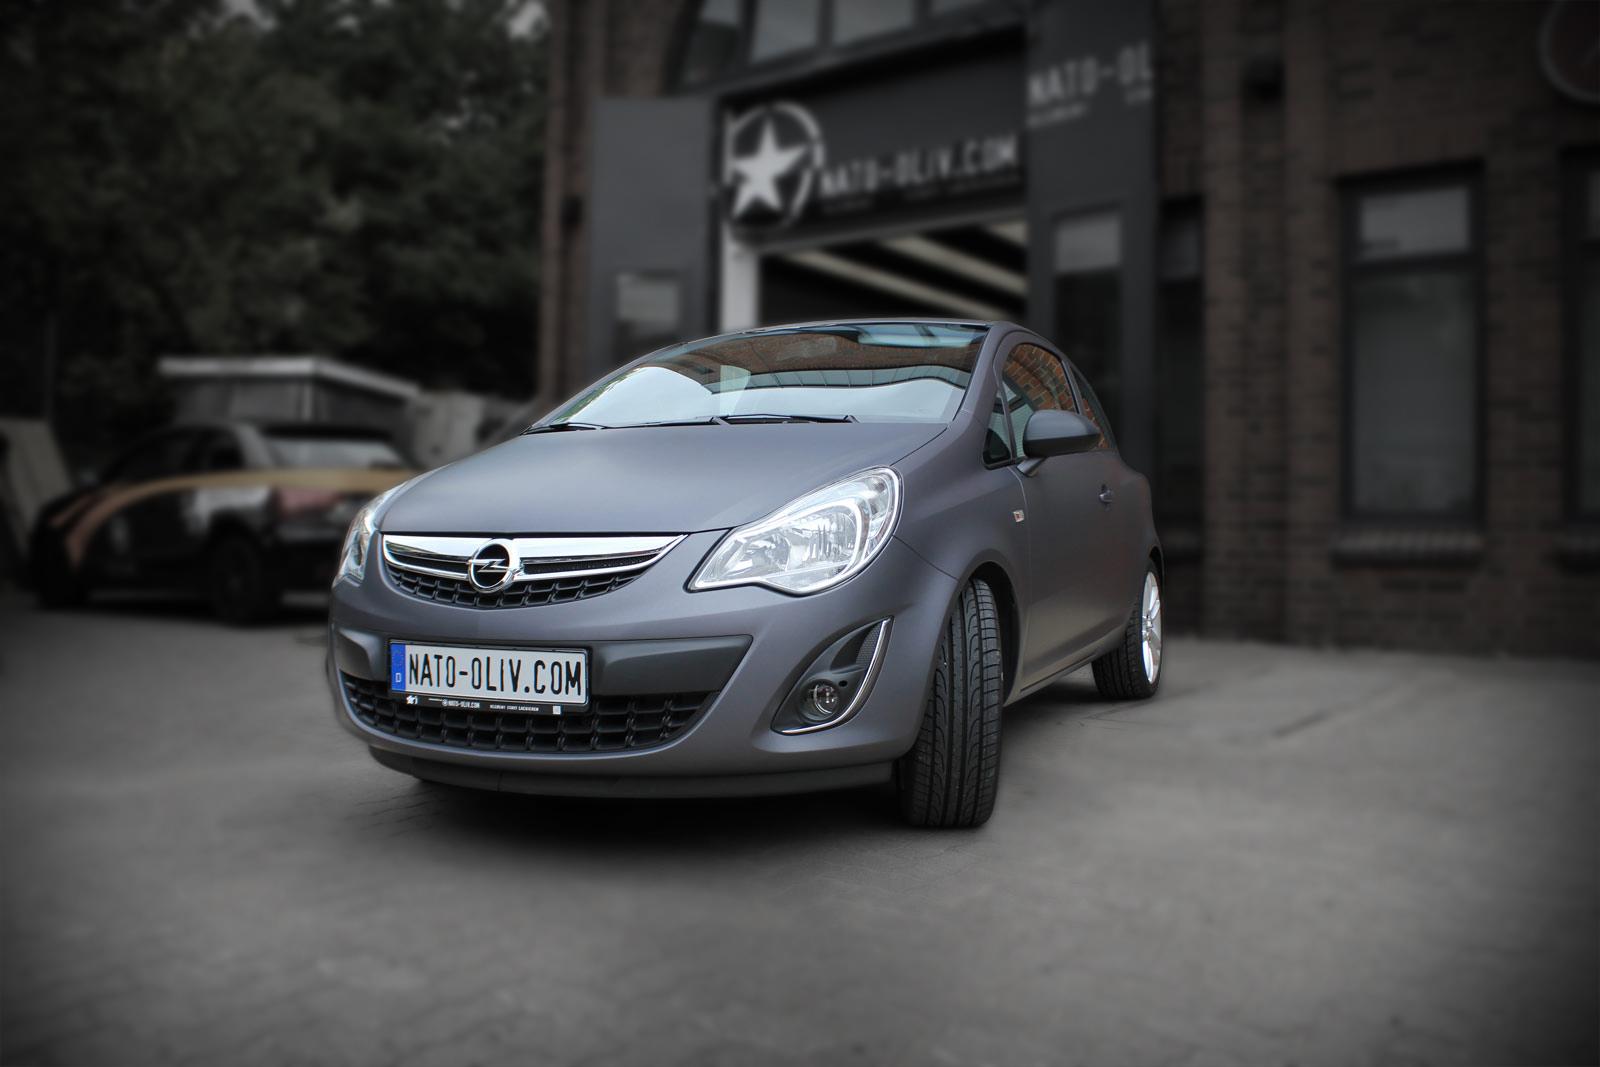 Dieser Opel Corsa wurde mit einer Hochleistungsfolie in anthrazit matt metallic vollverklebt. Außenspiegel, wie Heckspoiler bekamen durch Folierung eine Carbon Optik.